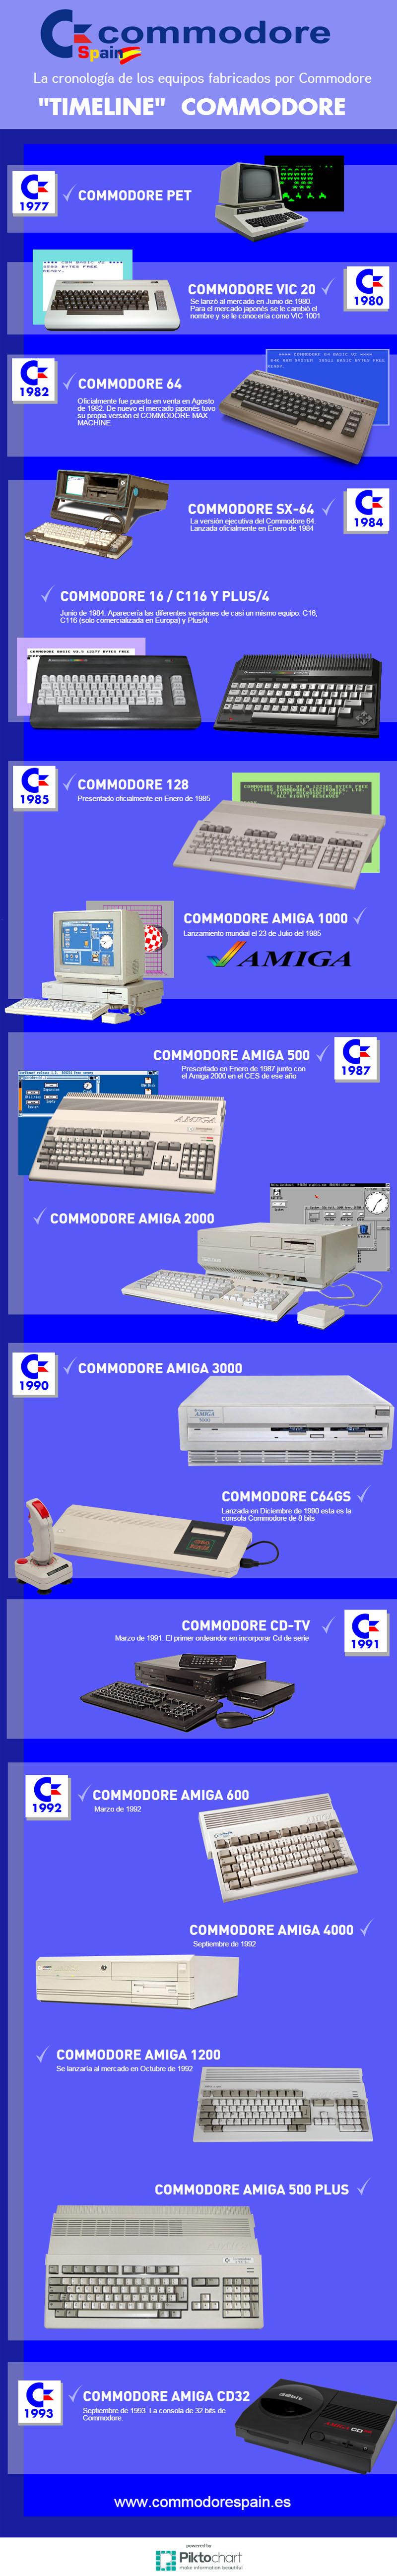 Cronología commodore - Infografía